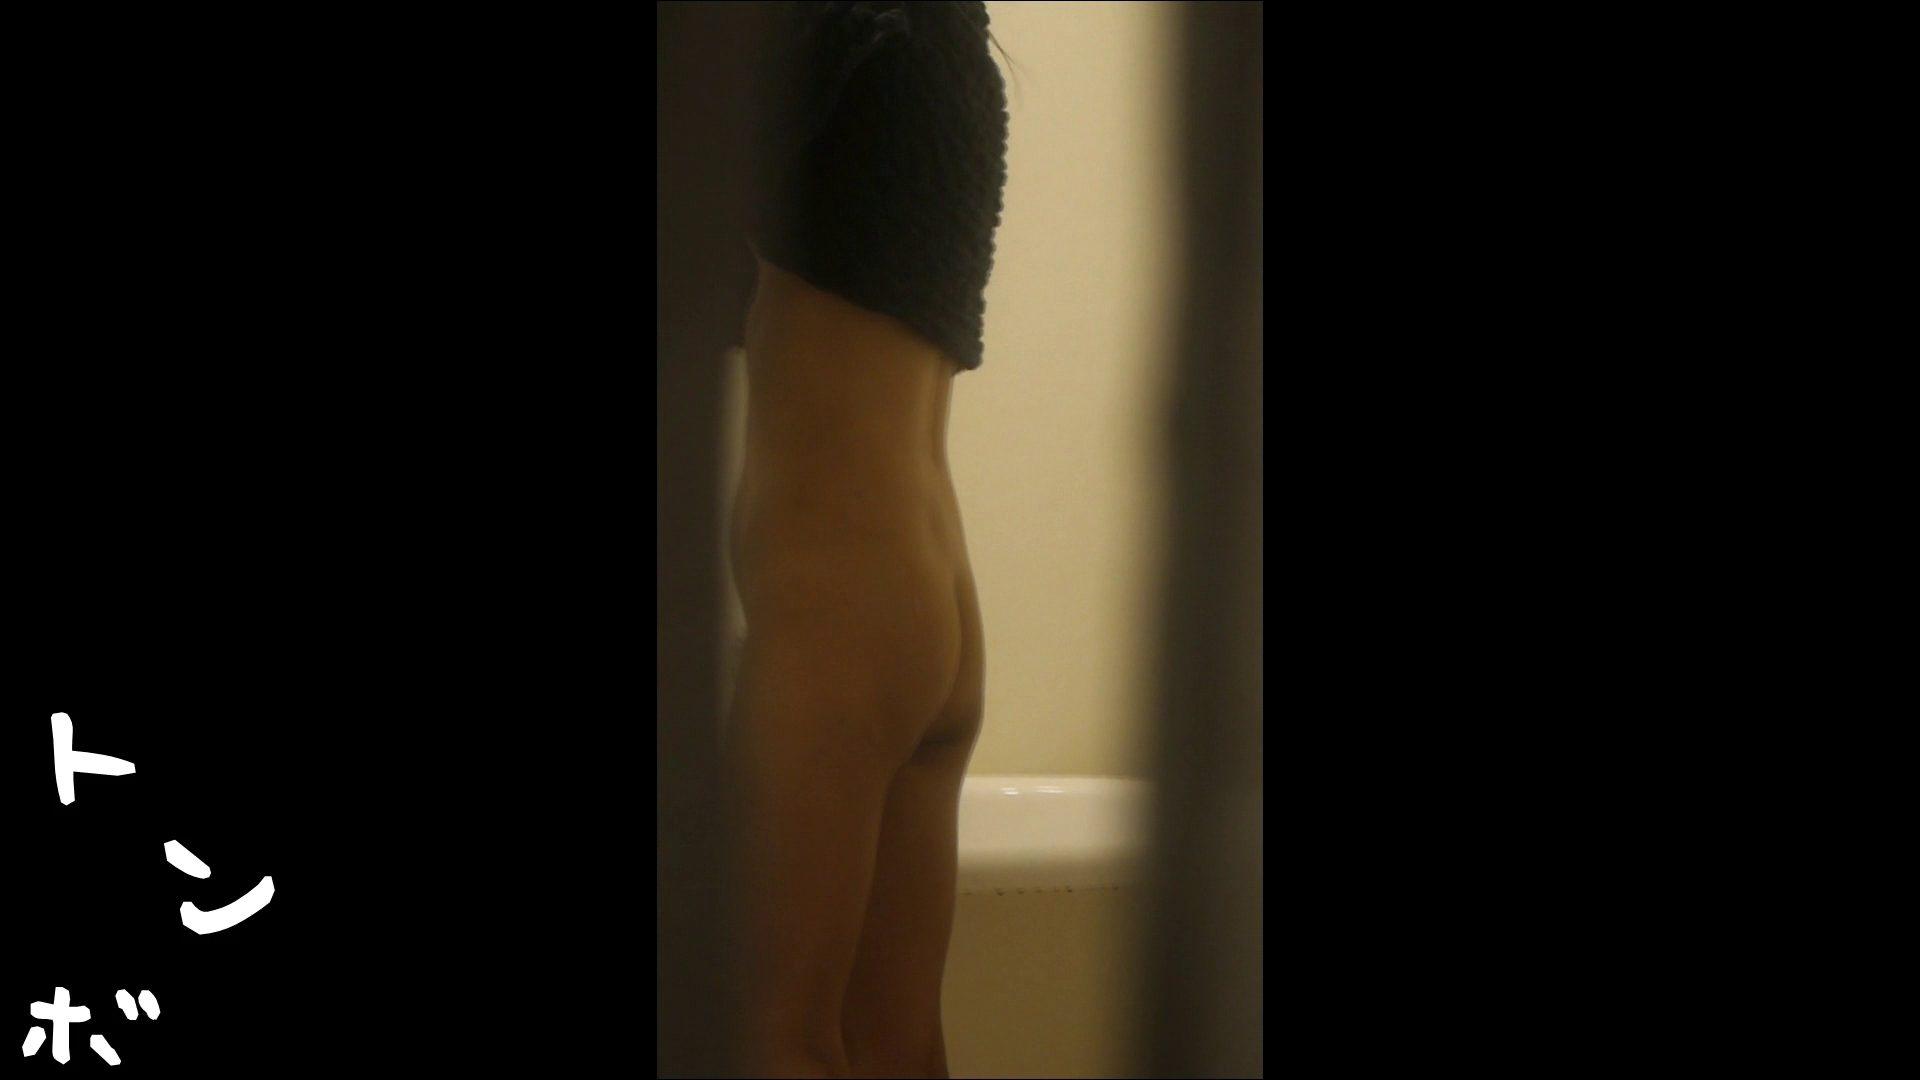 リアル盗撮 現役モデルのシャワーシーン2 美女  90pic 15